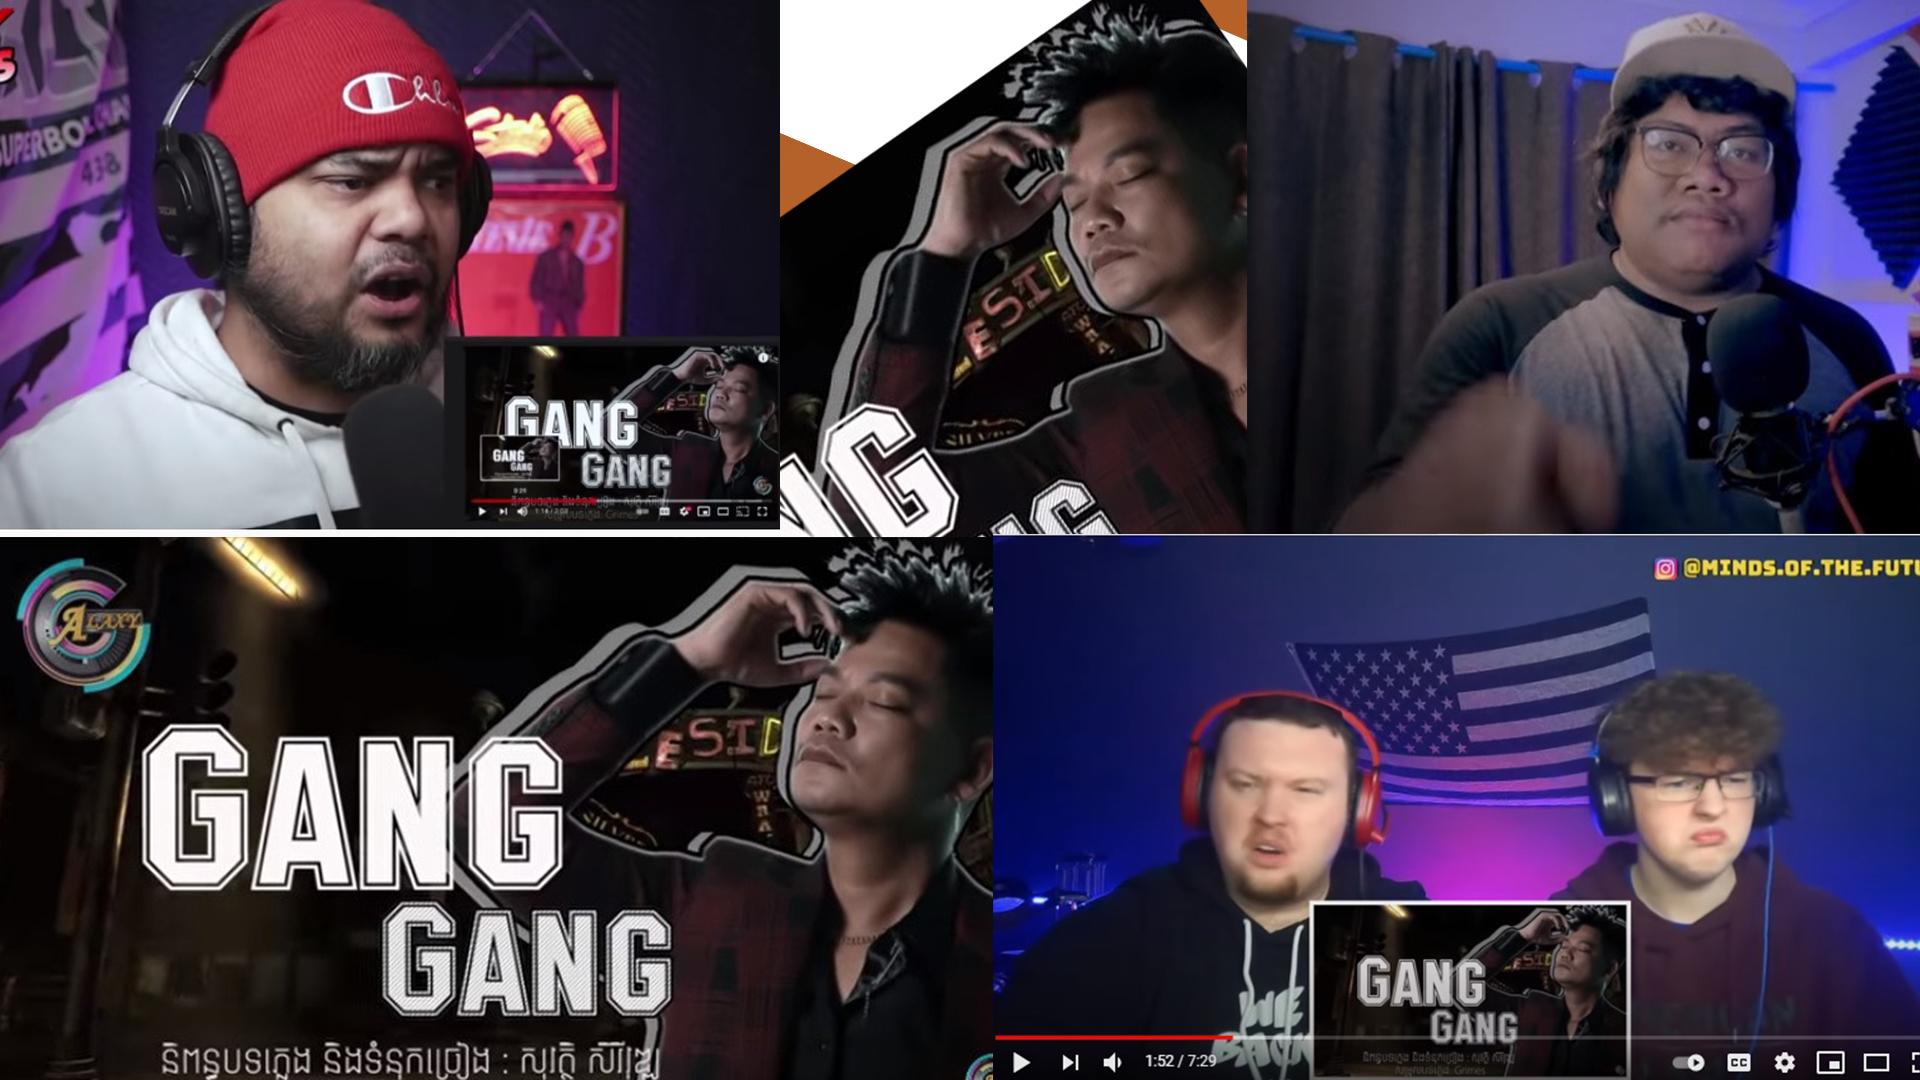 """បទ""""Gang Gang""""ព្រាប សុវត្ថិ  ត្រូវបានក្រុមDJ បរទេសយកទៅធ្វើវីដេអូ Reaction កក្រើកពេញyoutube"""